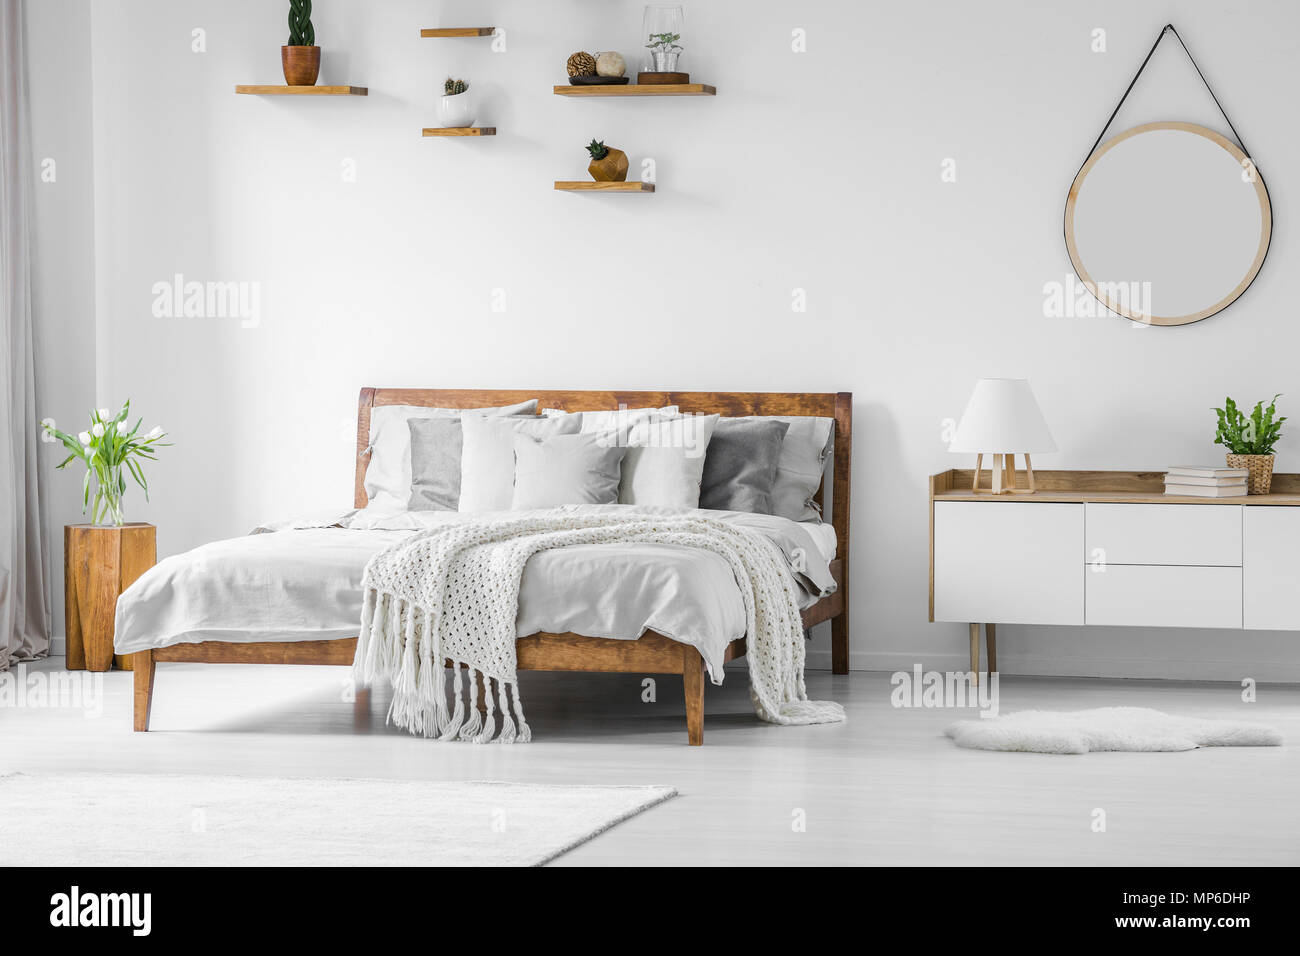 Komfortabel Gross Holz Bett Mit Bettwasche Kissen Und Decken